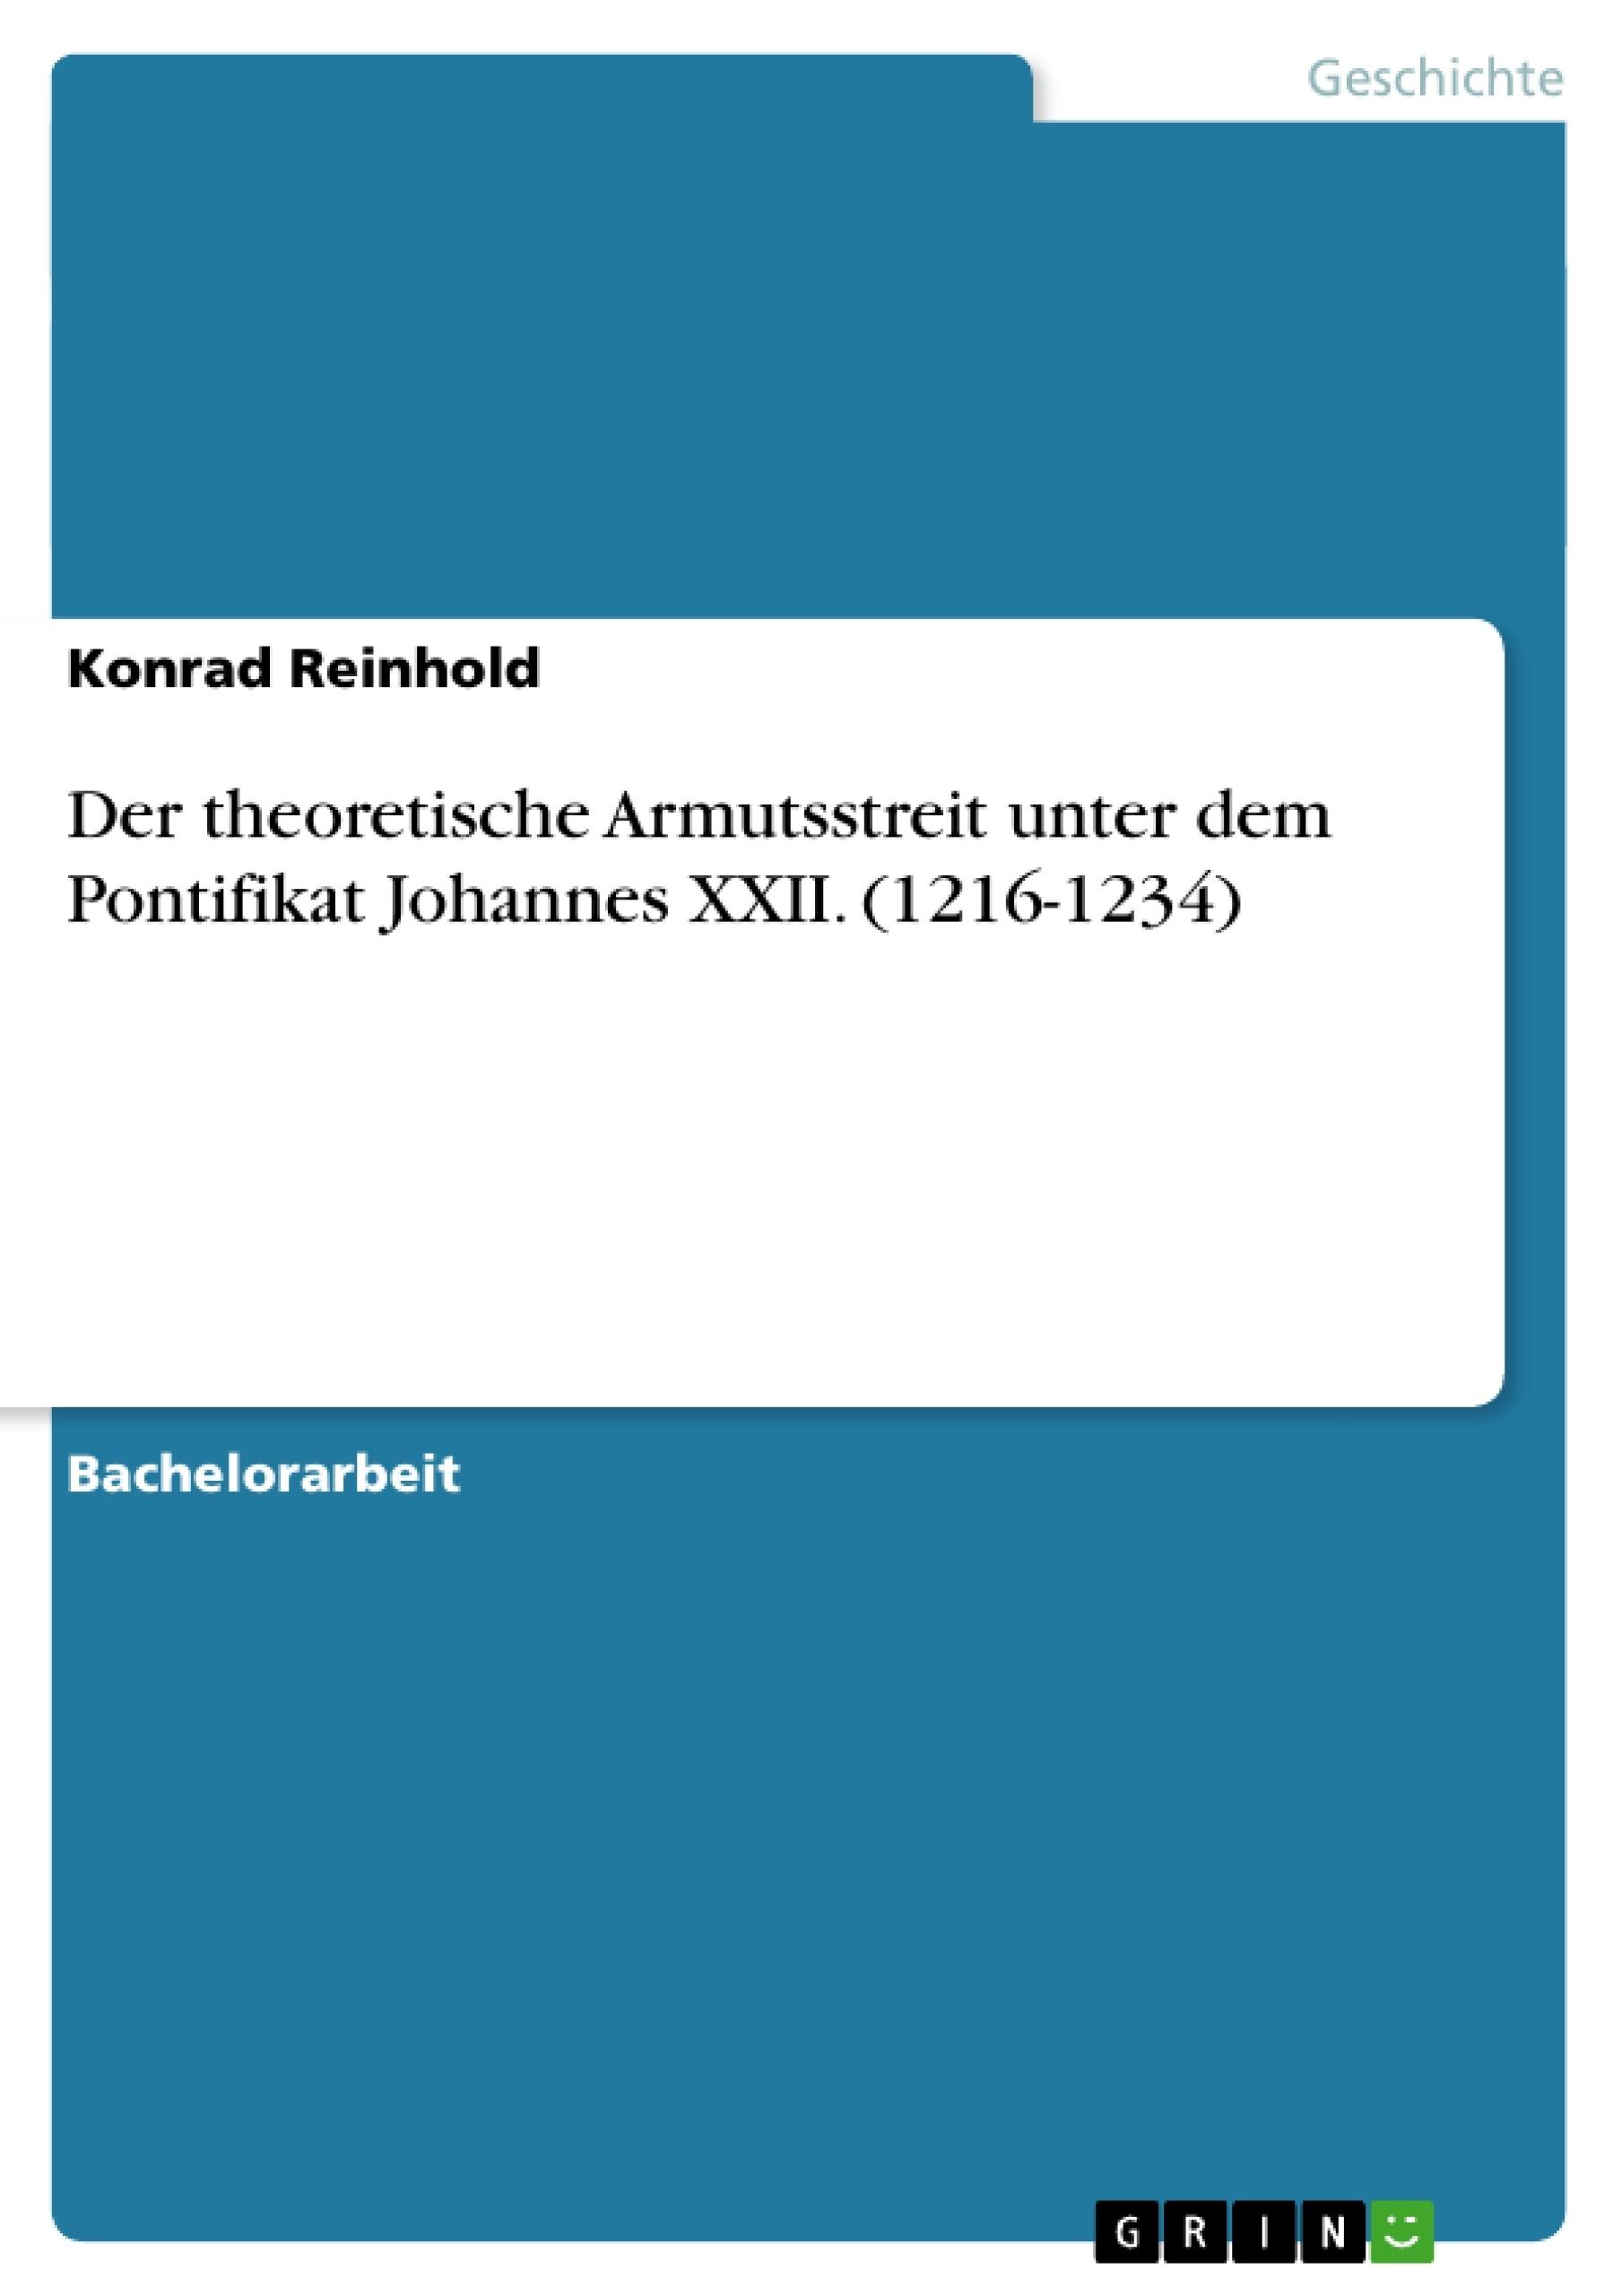 Titel: Der theoretische Armutsstreit unter dem Pontifikat Johannes XXII. (1216-1234)